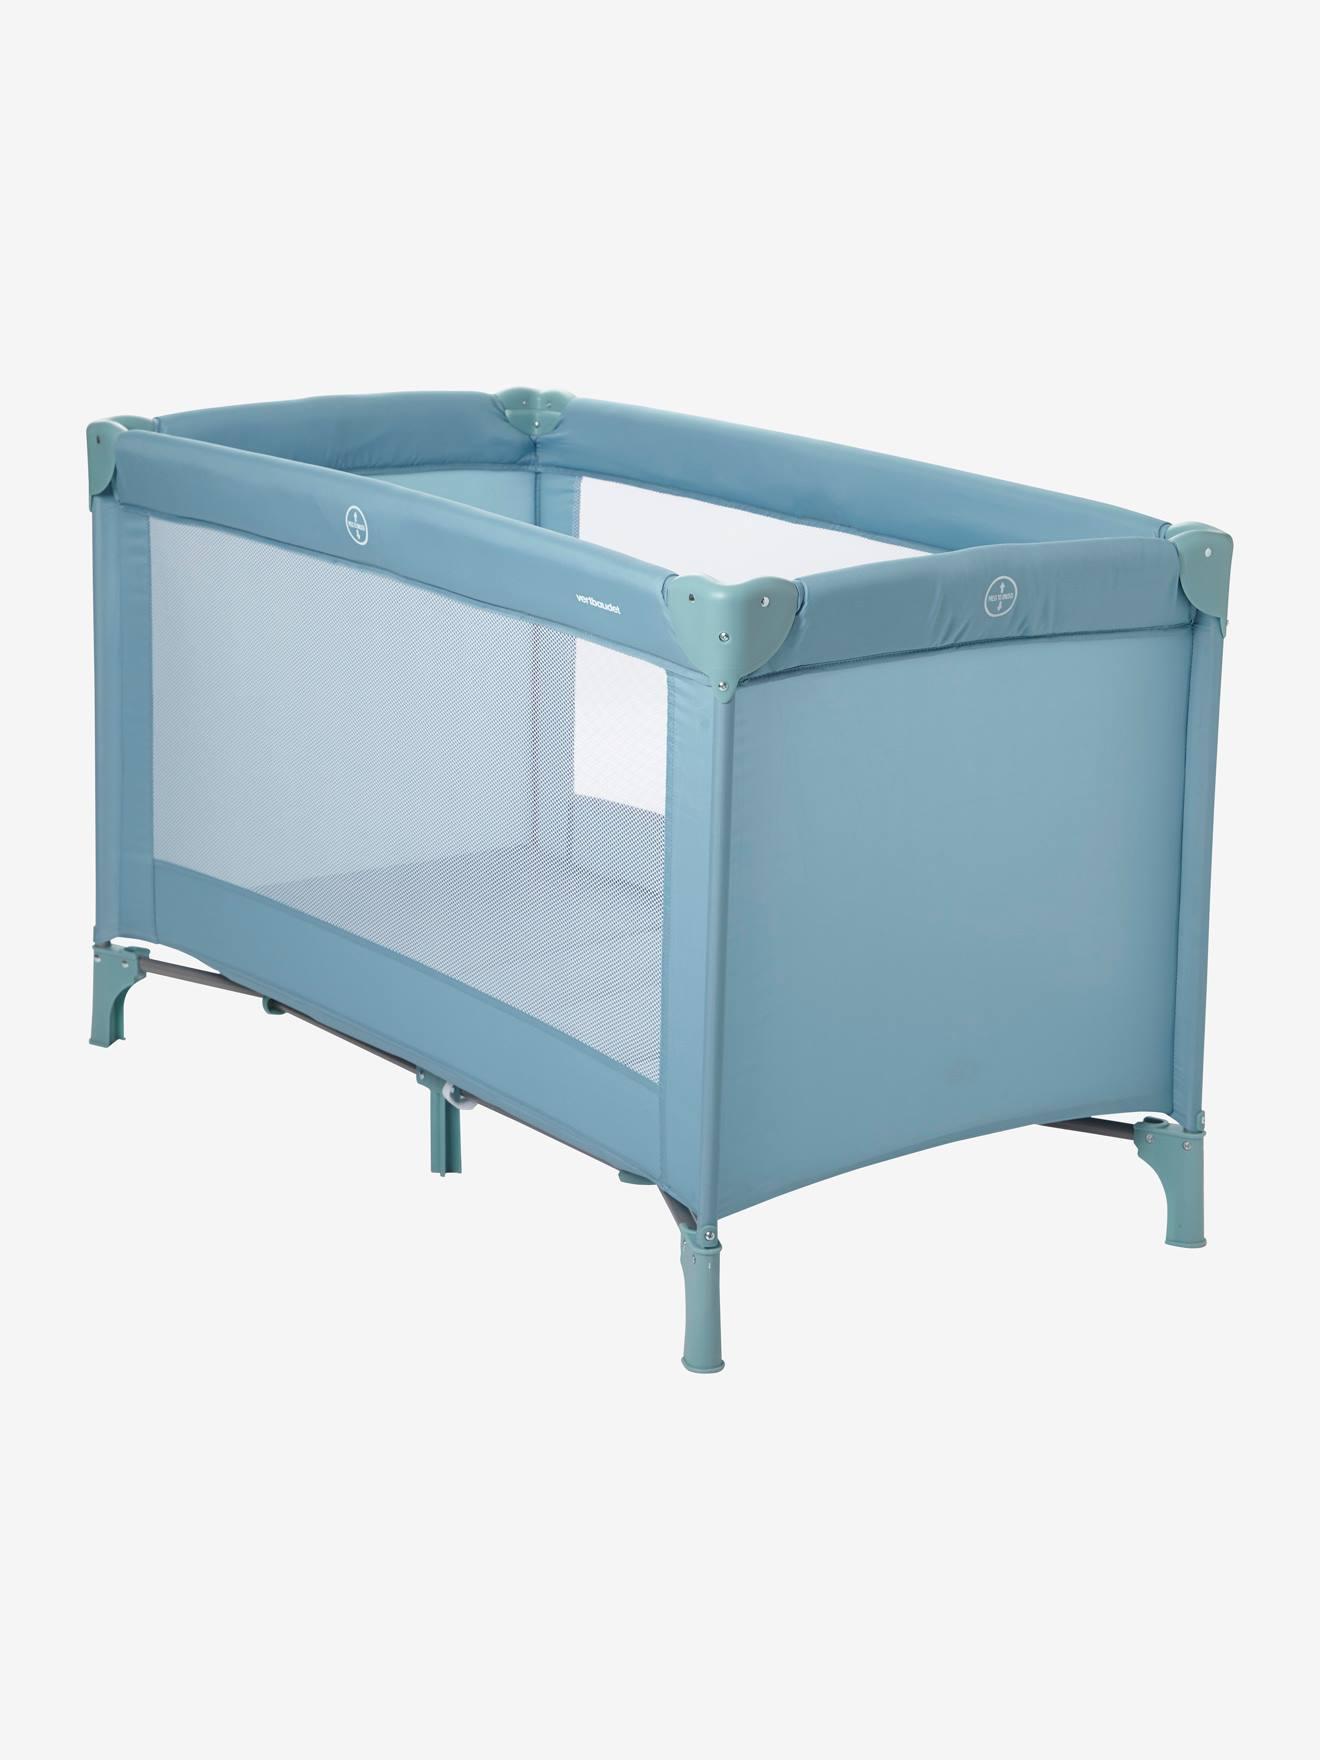 Lit parapluie First'bed aqua